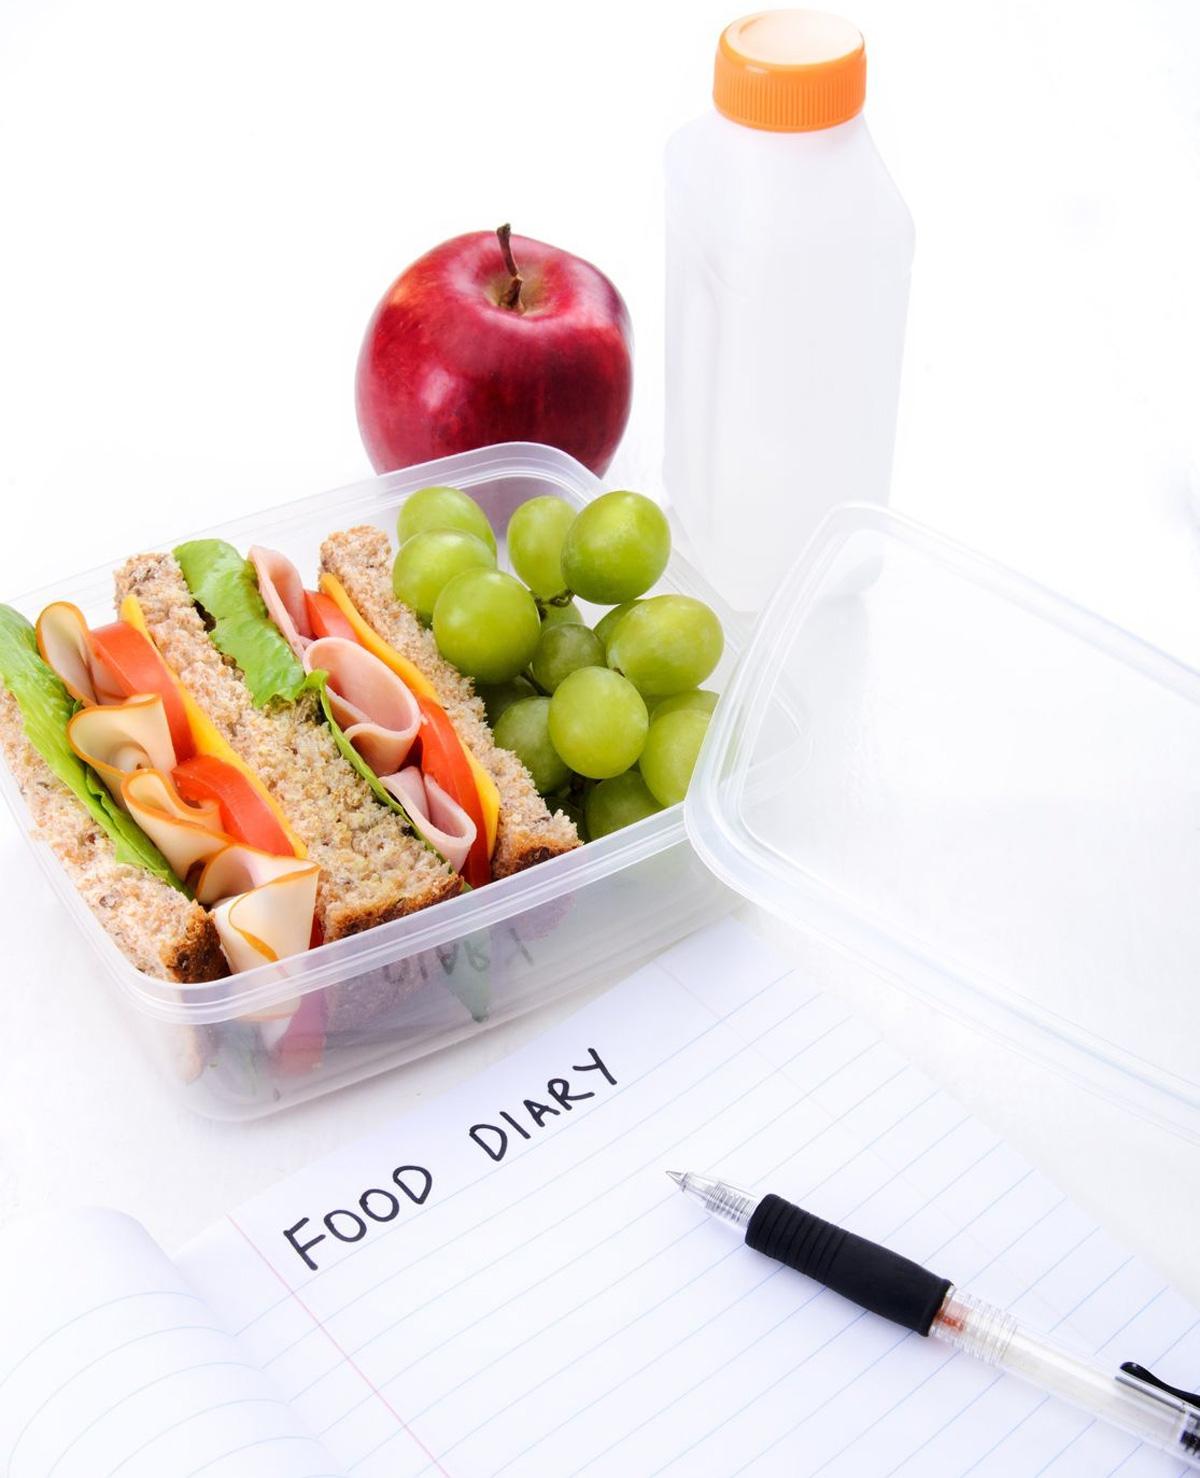 Eibertje geeft tips op het eetdagboek van lezeres Wil